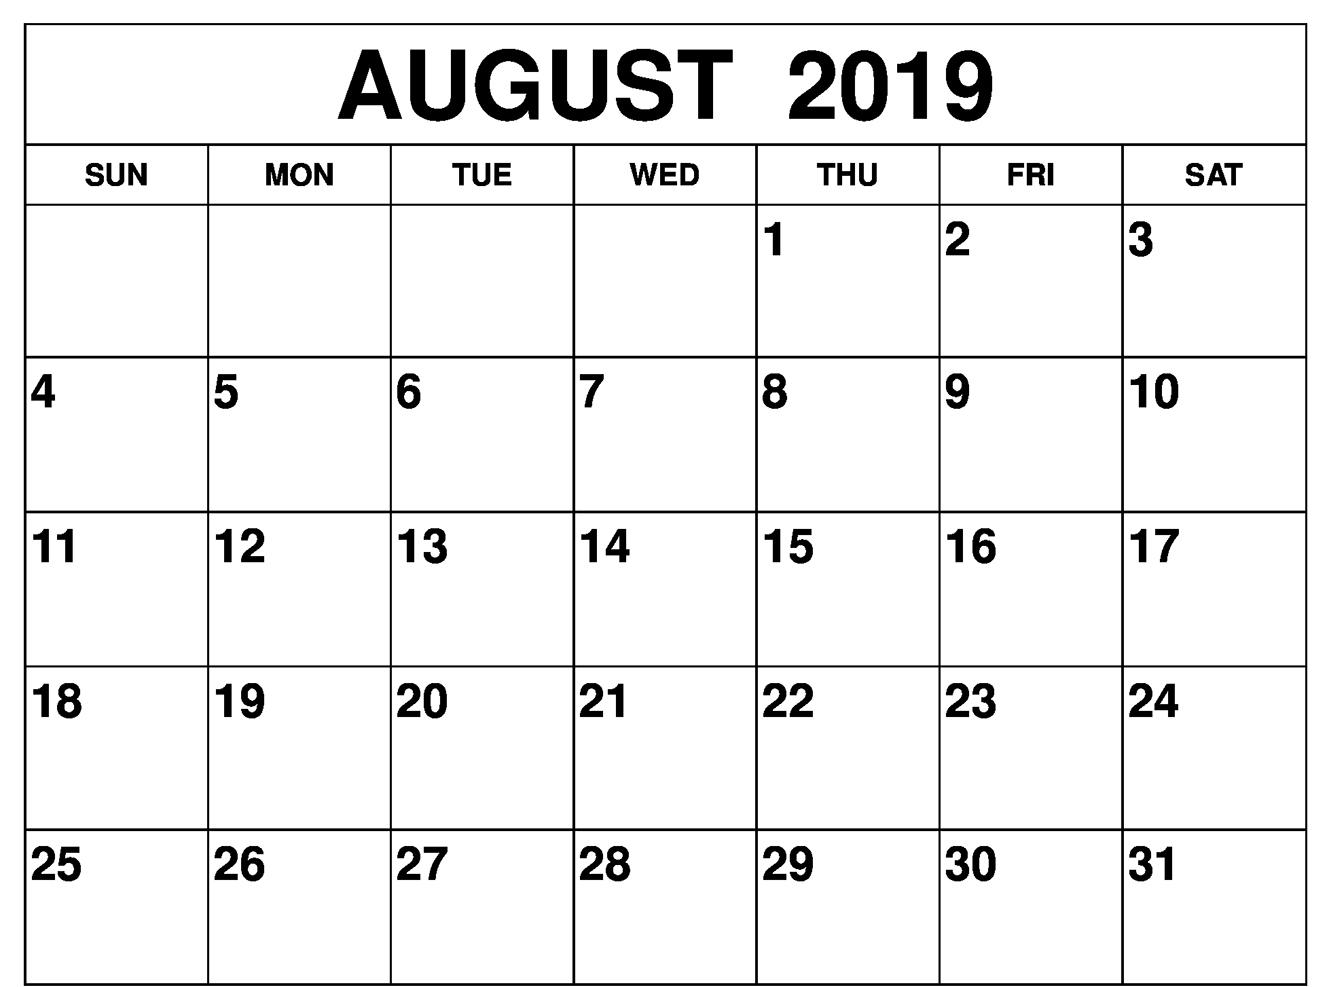 Blank August 2019 Calendar - Free August 2019 Calendar